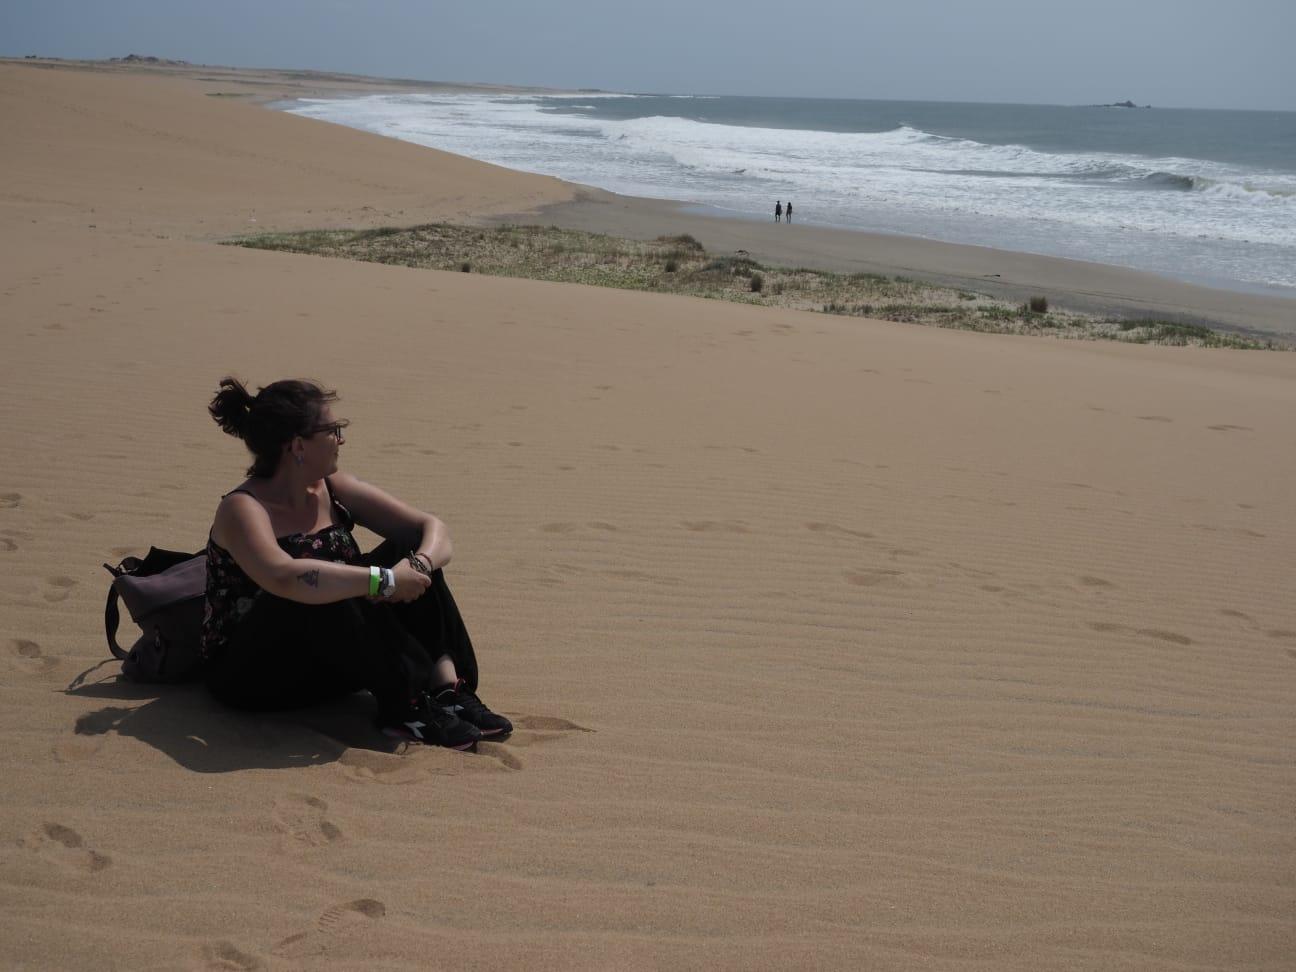 Donne in giro consulente di viaggi Uruguay